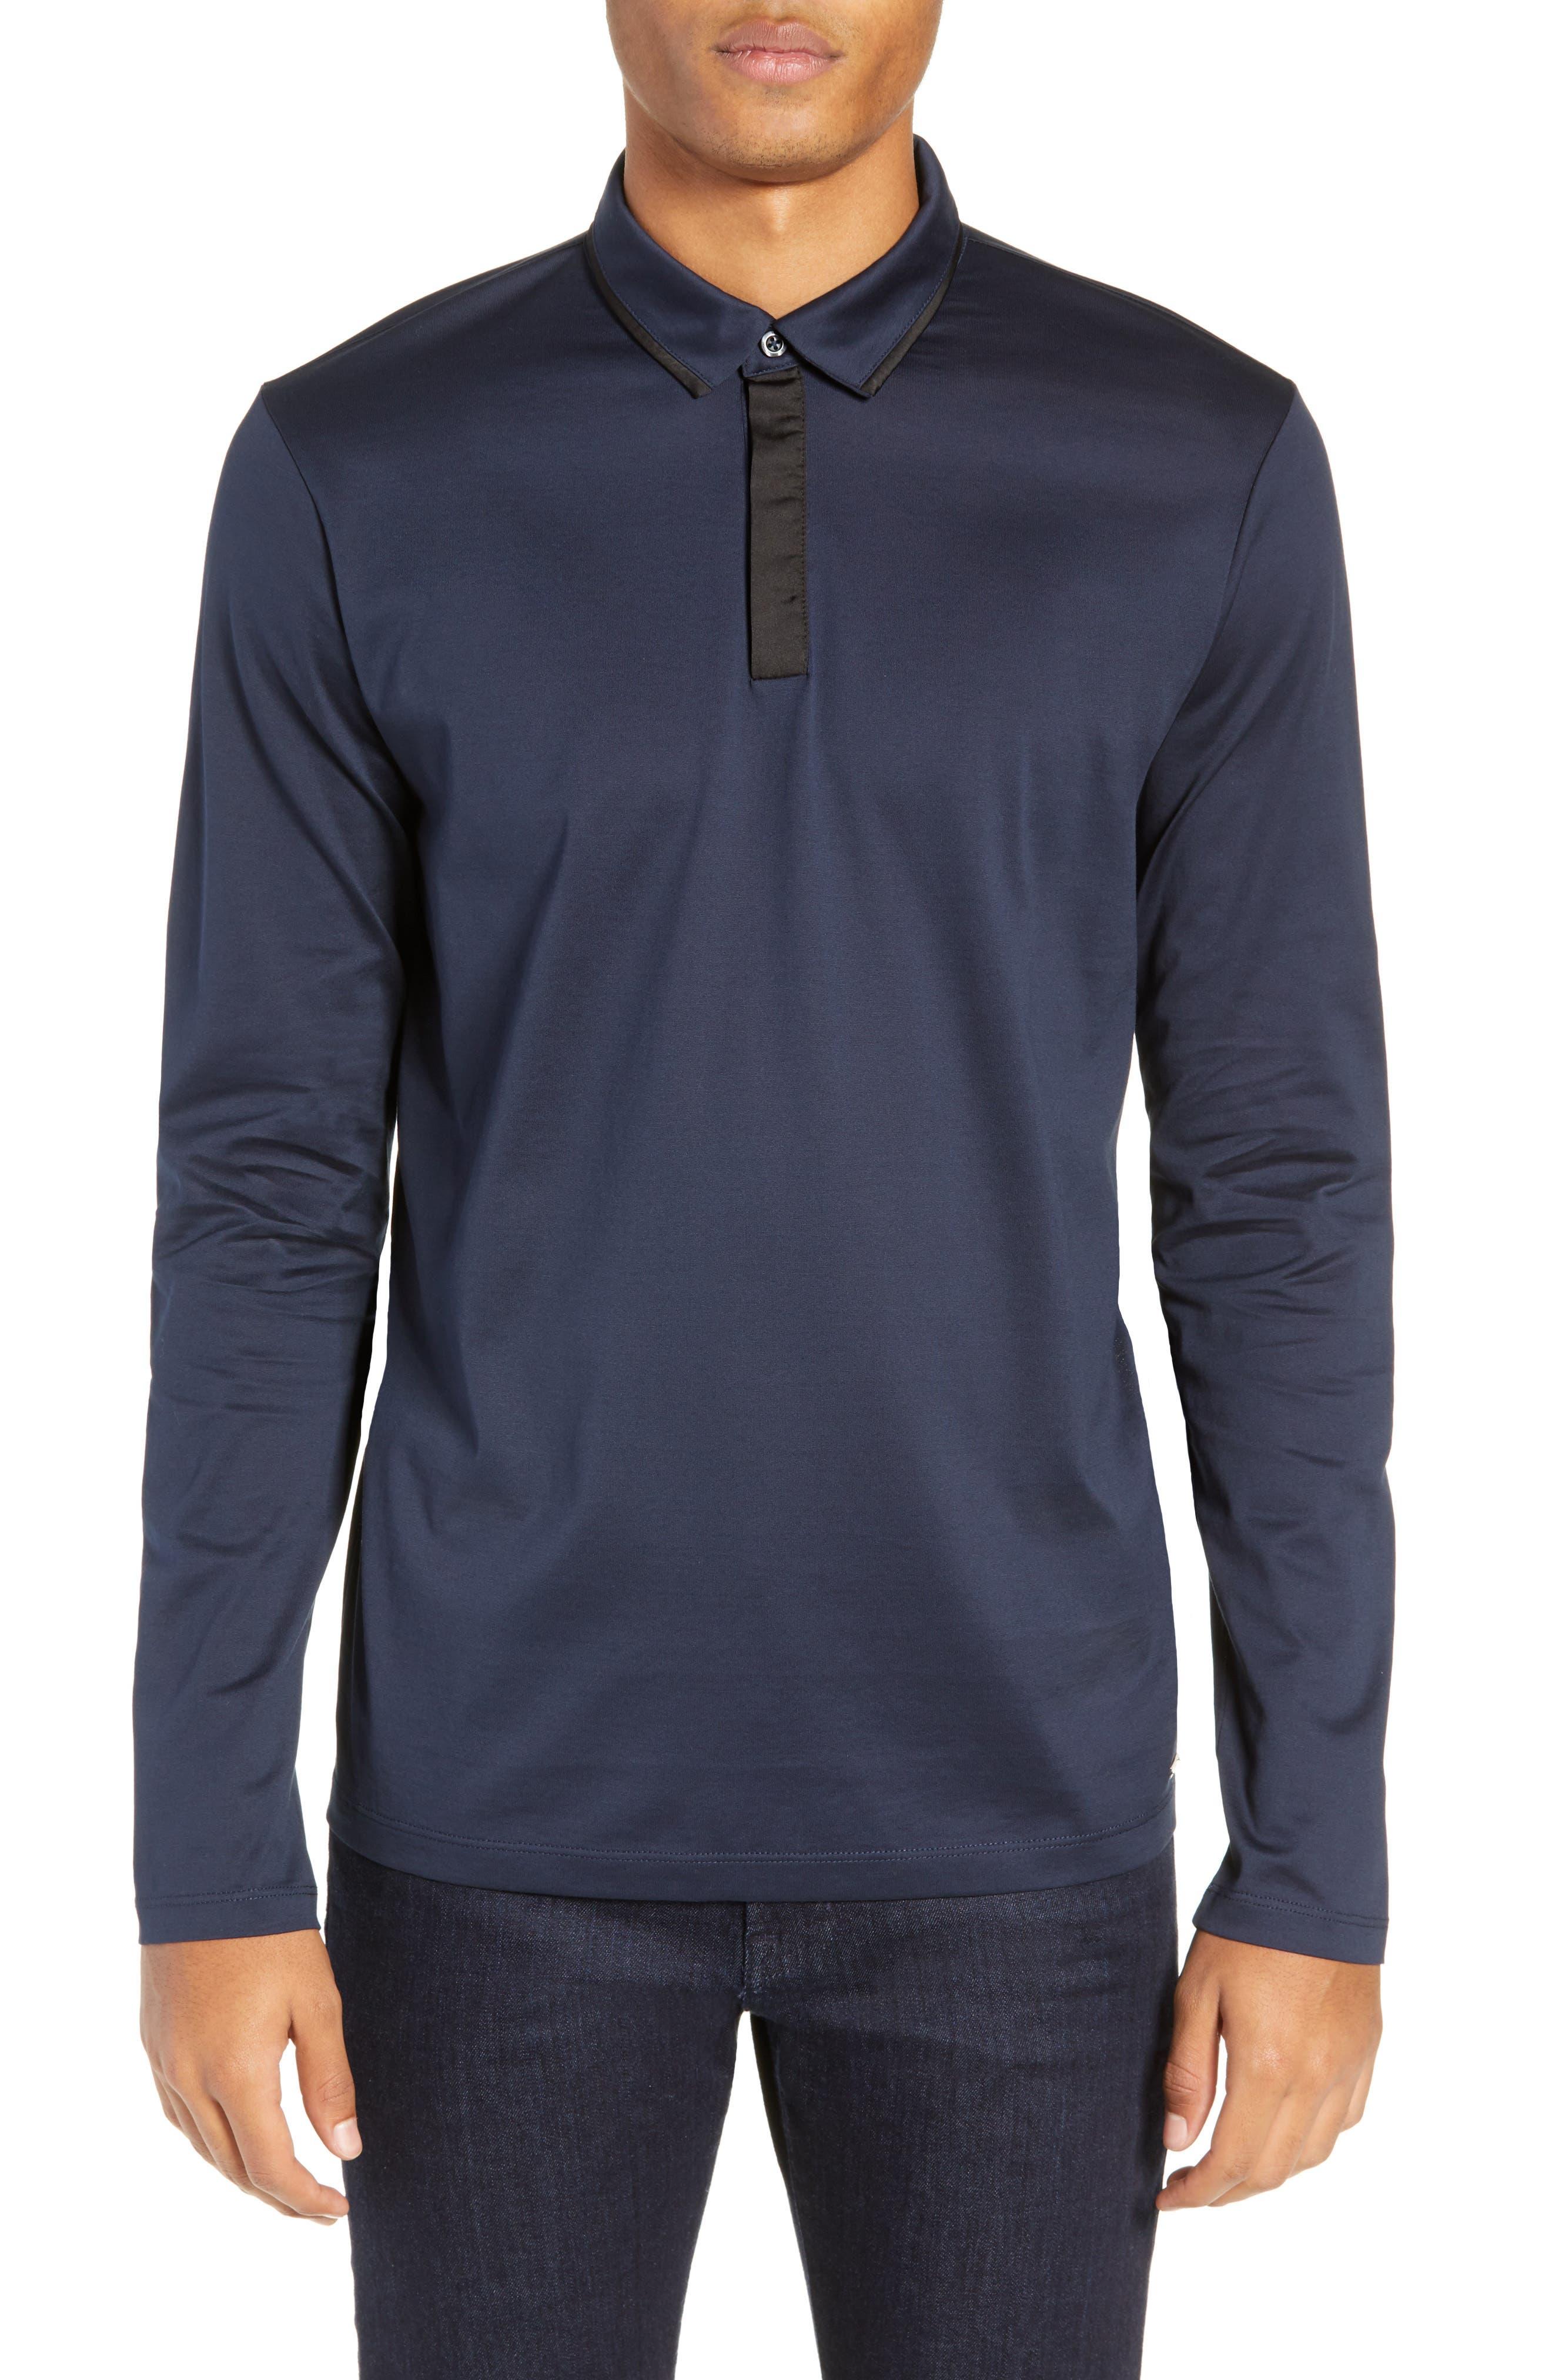 Dalendar Mercerized Cotton Slim Fit Polo Shirt,                         Main,                         color, BLUE